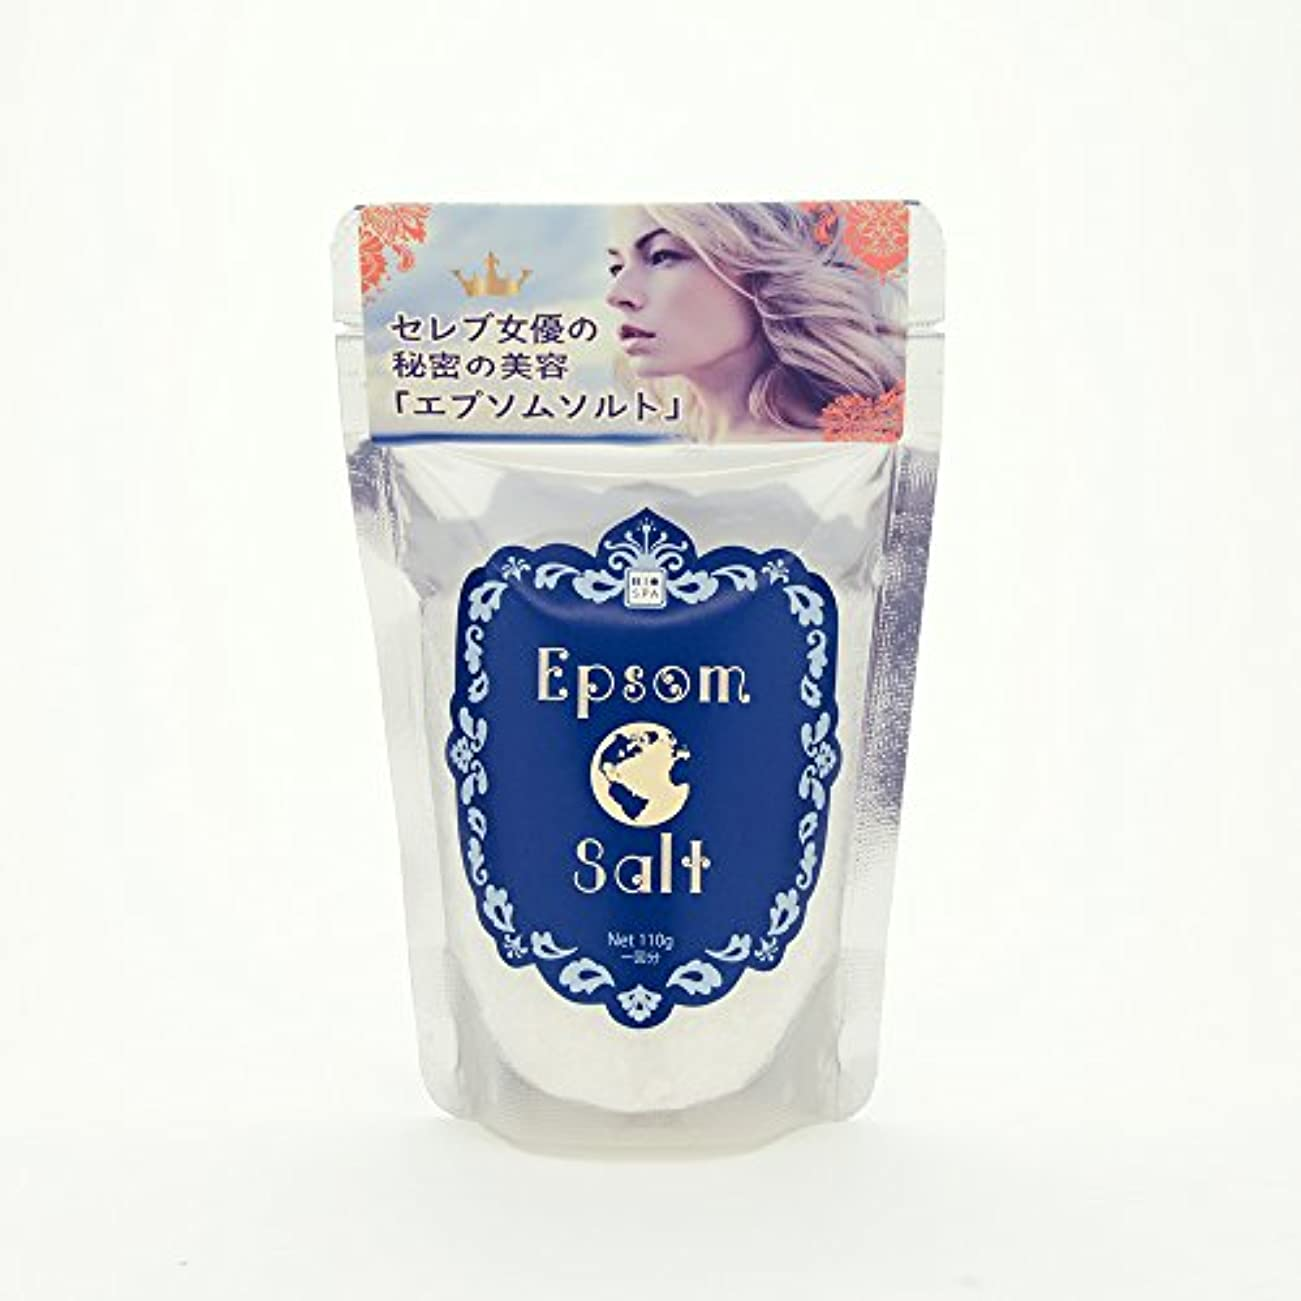 馬鹿やる溢れんばかりのビオスパ エプソムソルト【110g/1回分】(浴用化粧品)